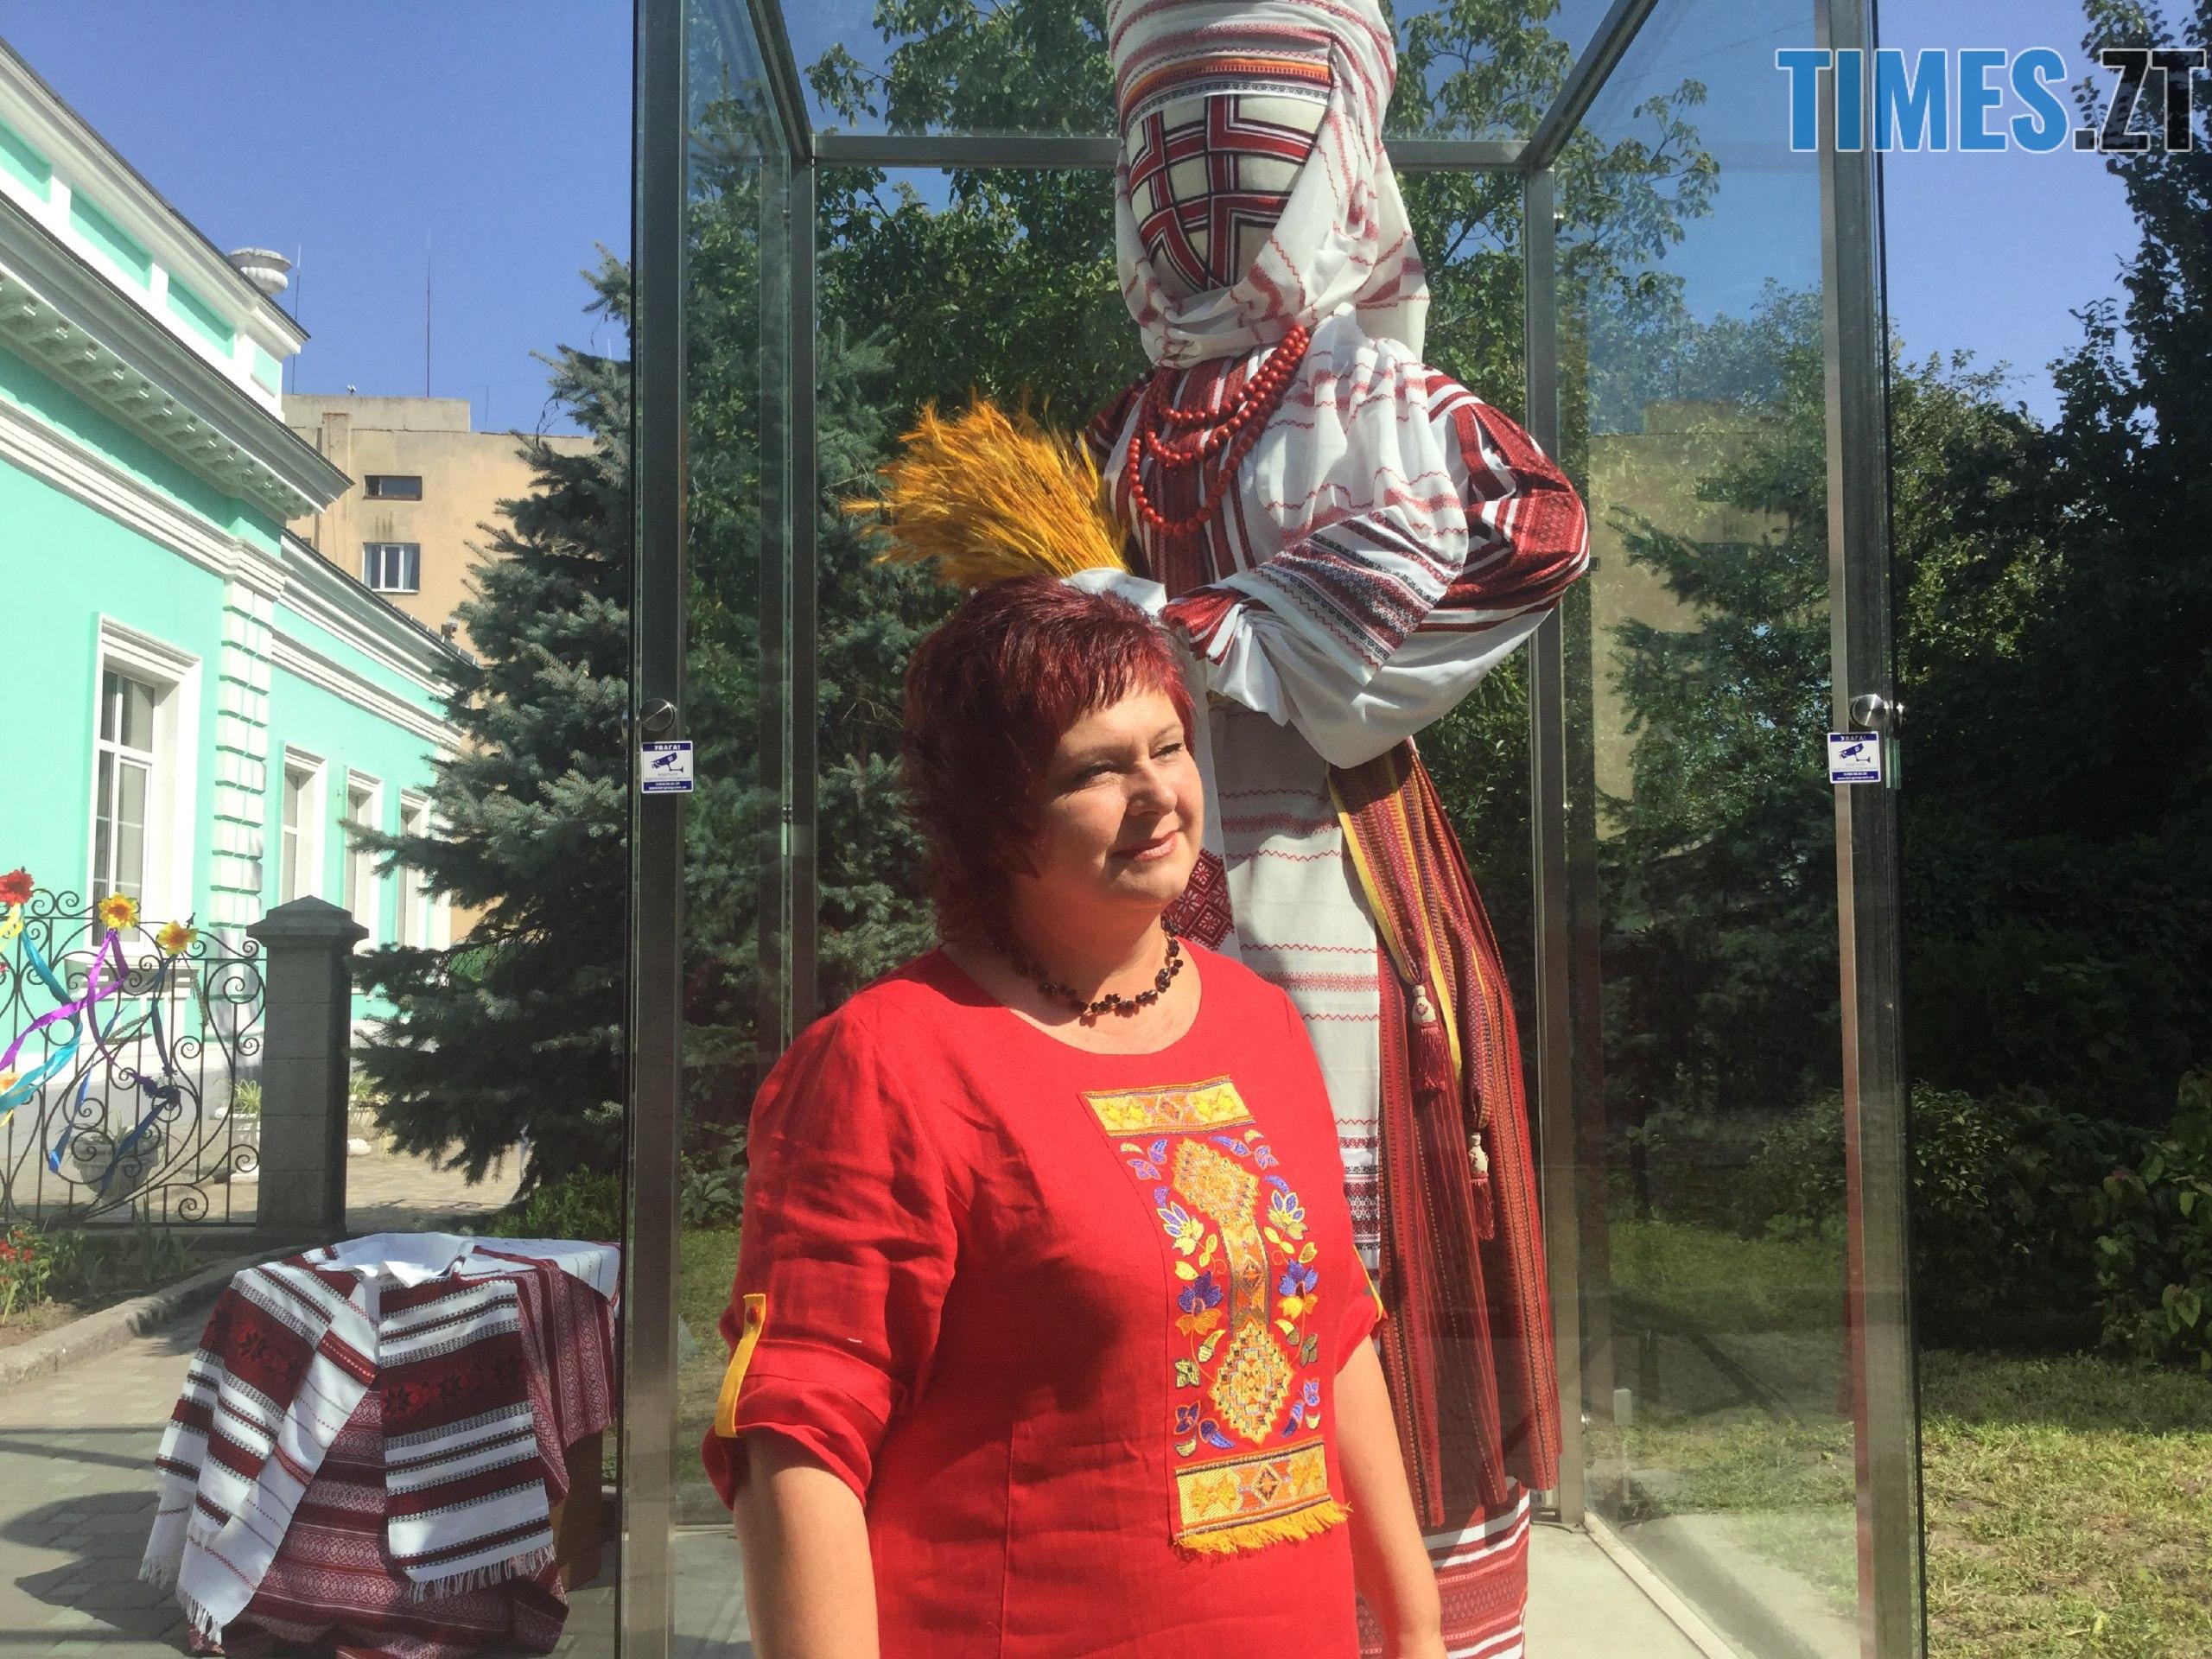 91e396f1 3bd9 4705 8160 f32c23a4a4ab - До Дня незалежності у Житомирі «переодяглася» лялька-мотанка (ФОТО)